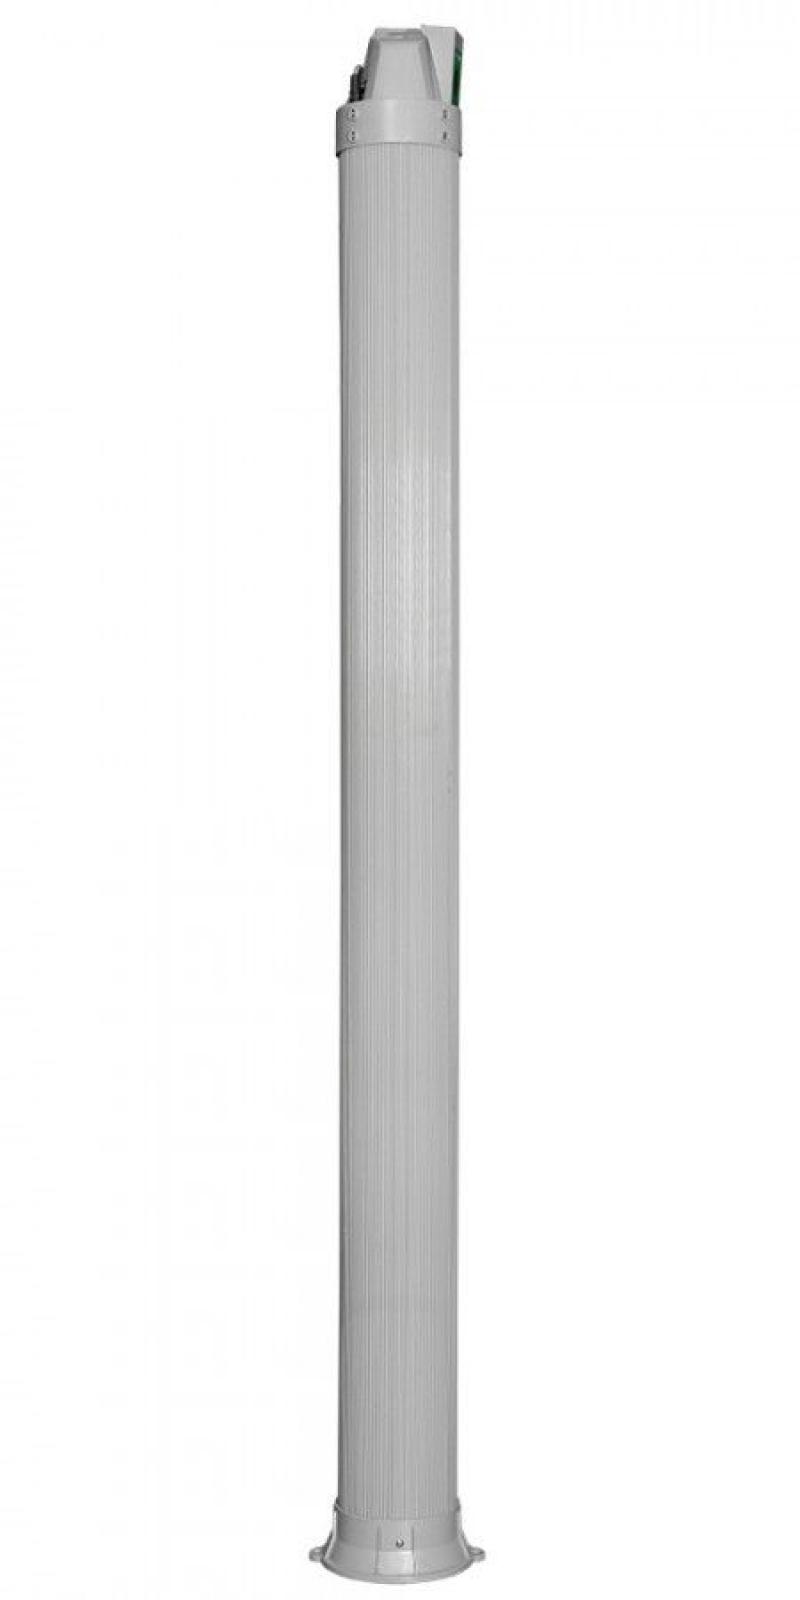 арочный металлодетектор блокпост рс-1000